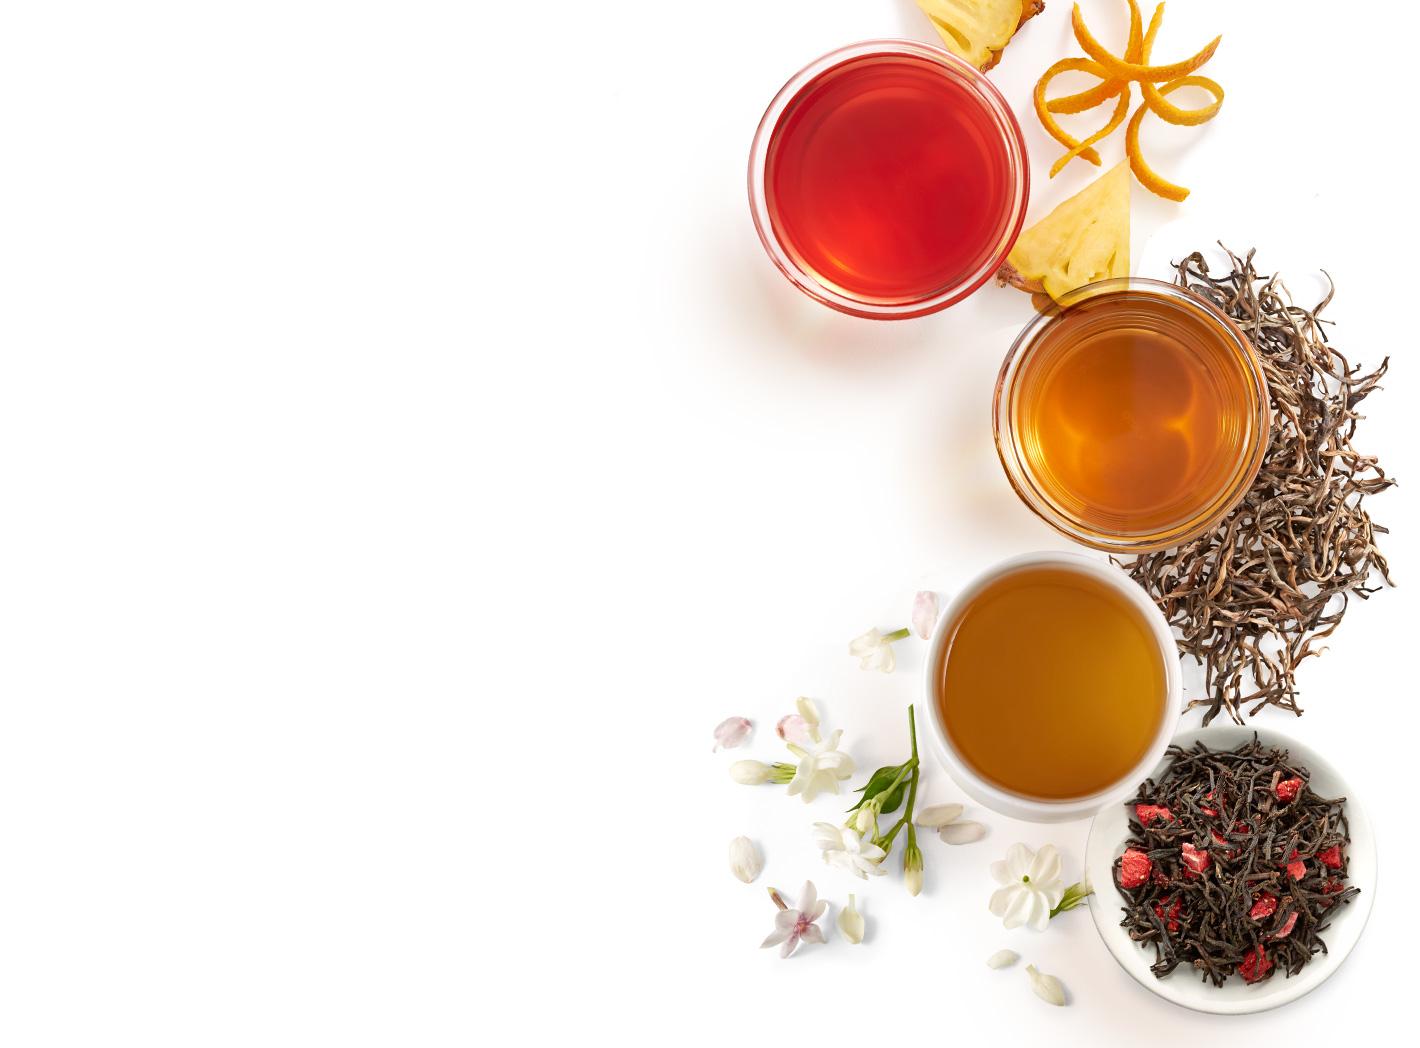 خرید اینترنتی انواع چای ایرانی